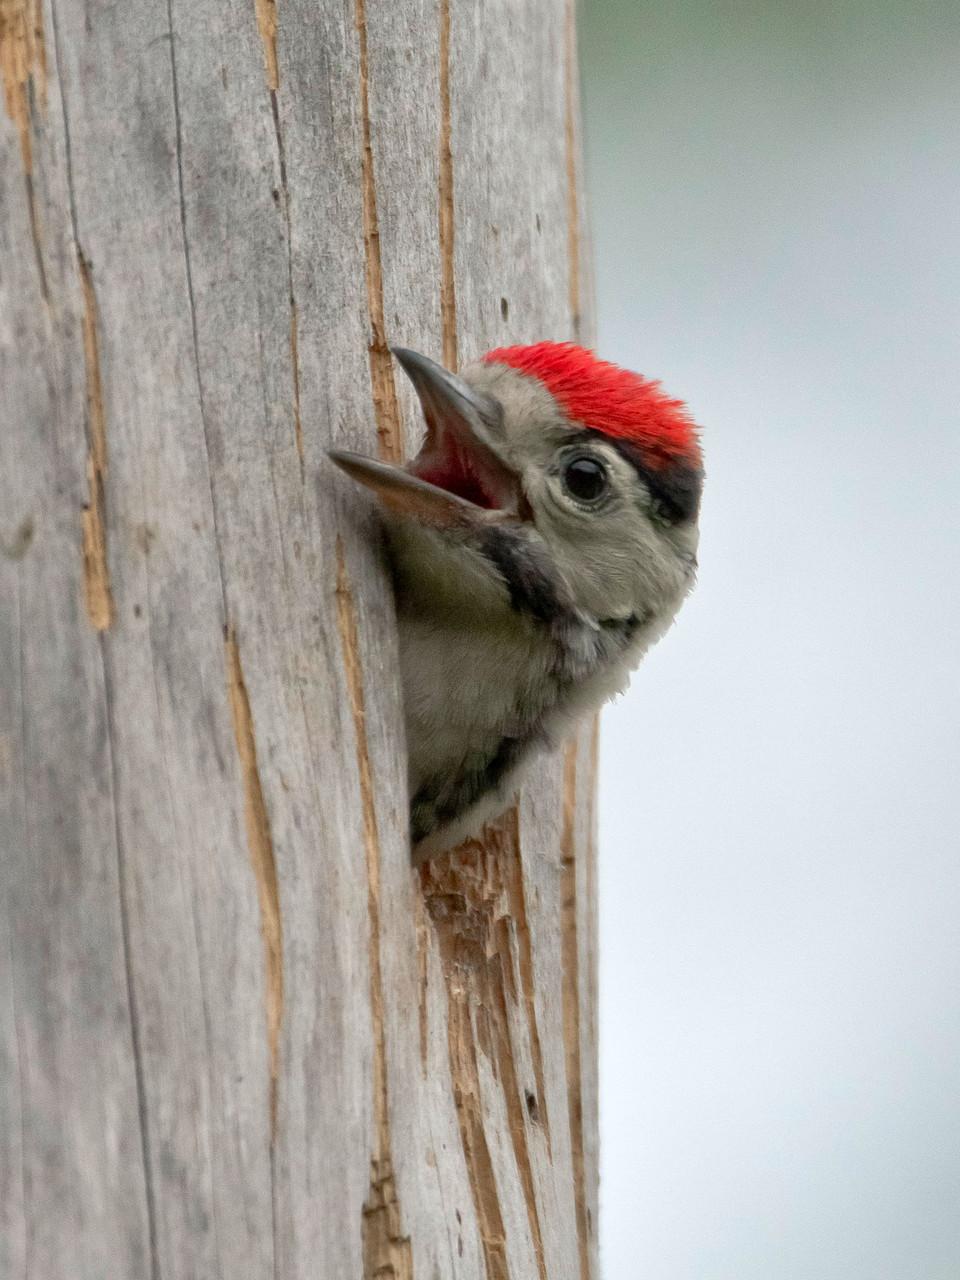 Die Jungvögel hört man kurz vor dem Ausfliegen intensiv aus der Baumhöhle rufen